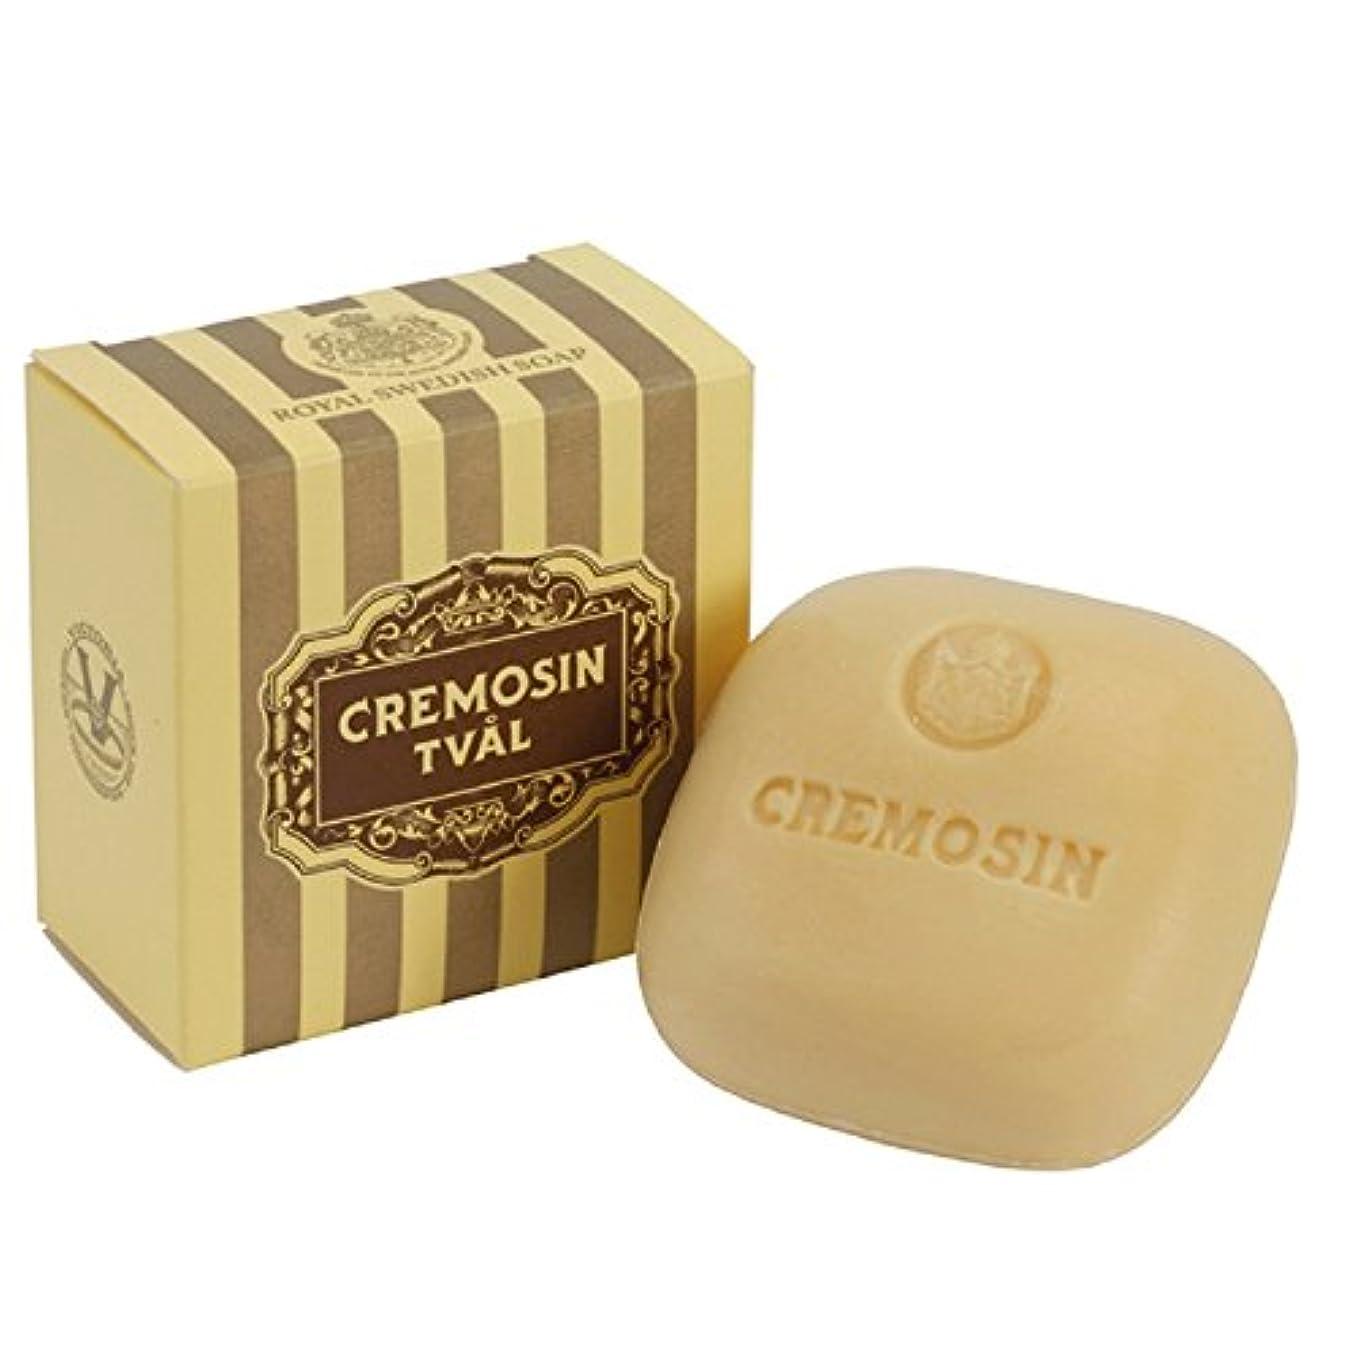 ノート興味杭Victoria Royal Swedish Cremosin Soap 95g ヴィクトリア クレモシンソープ 95g